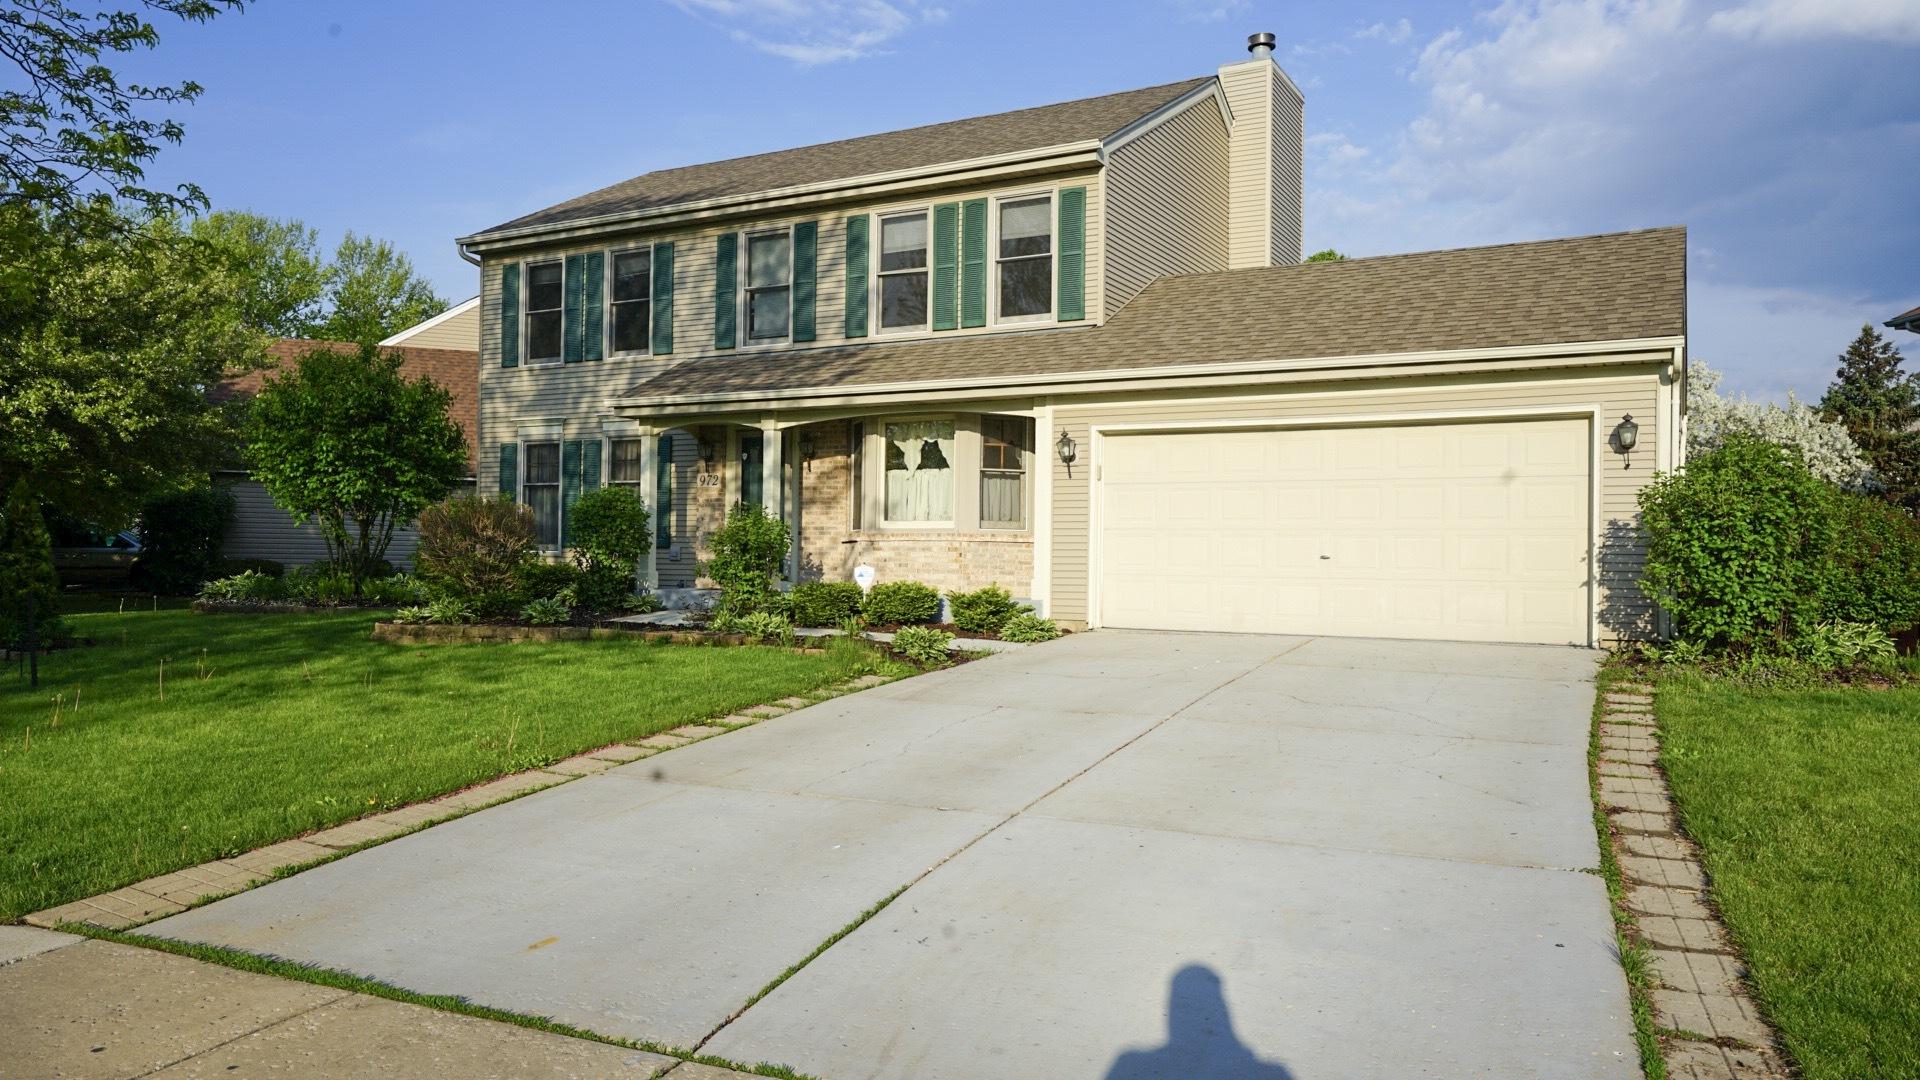 972 WESTGATE, AURORA, Illinois, 60506